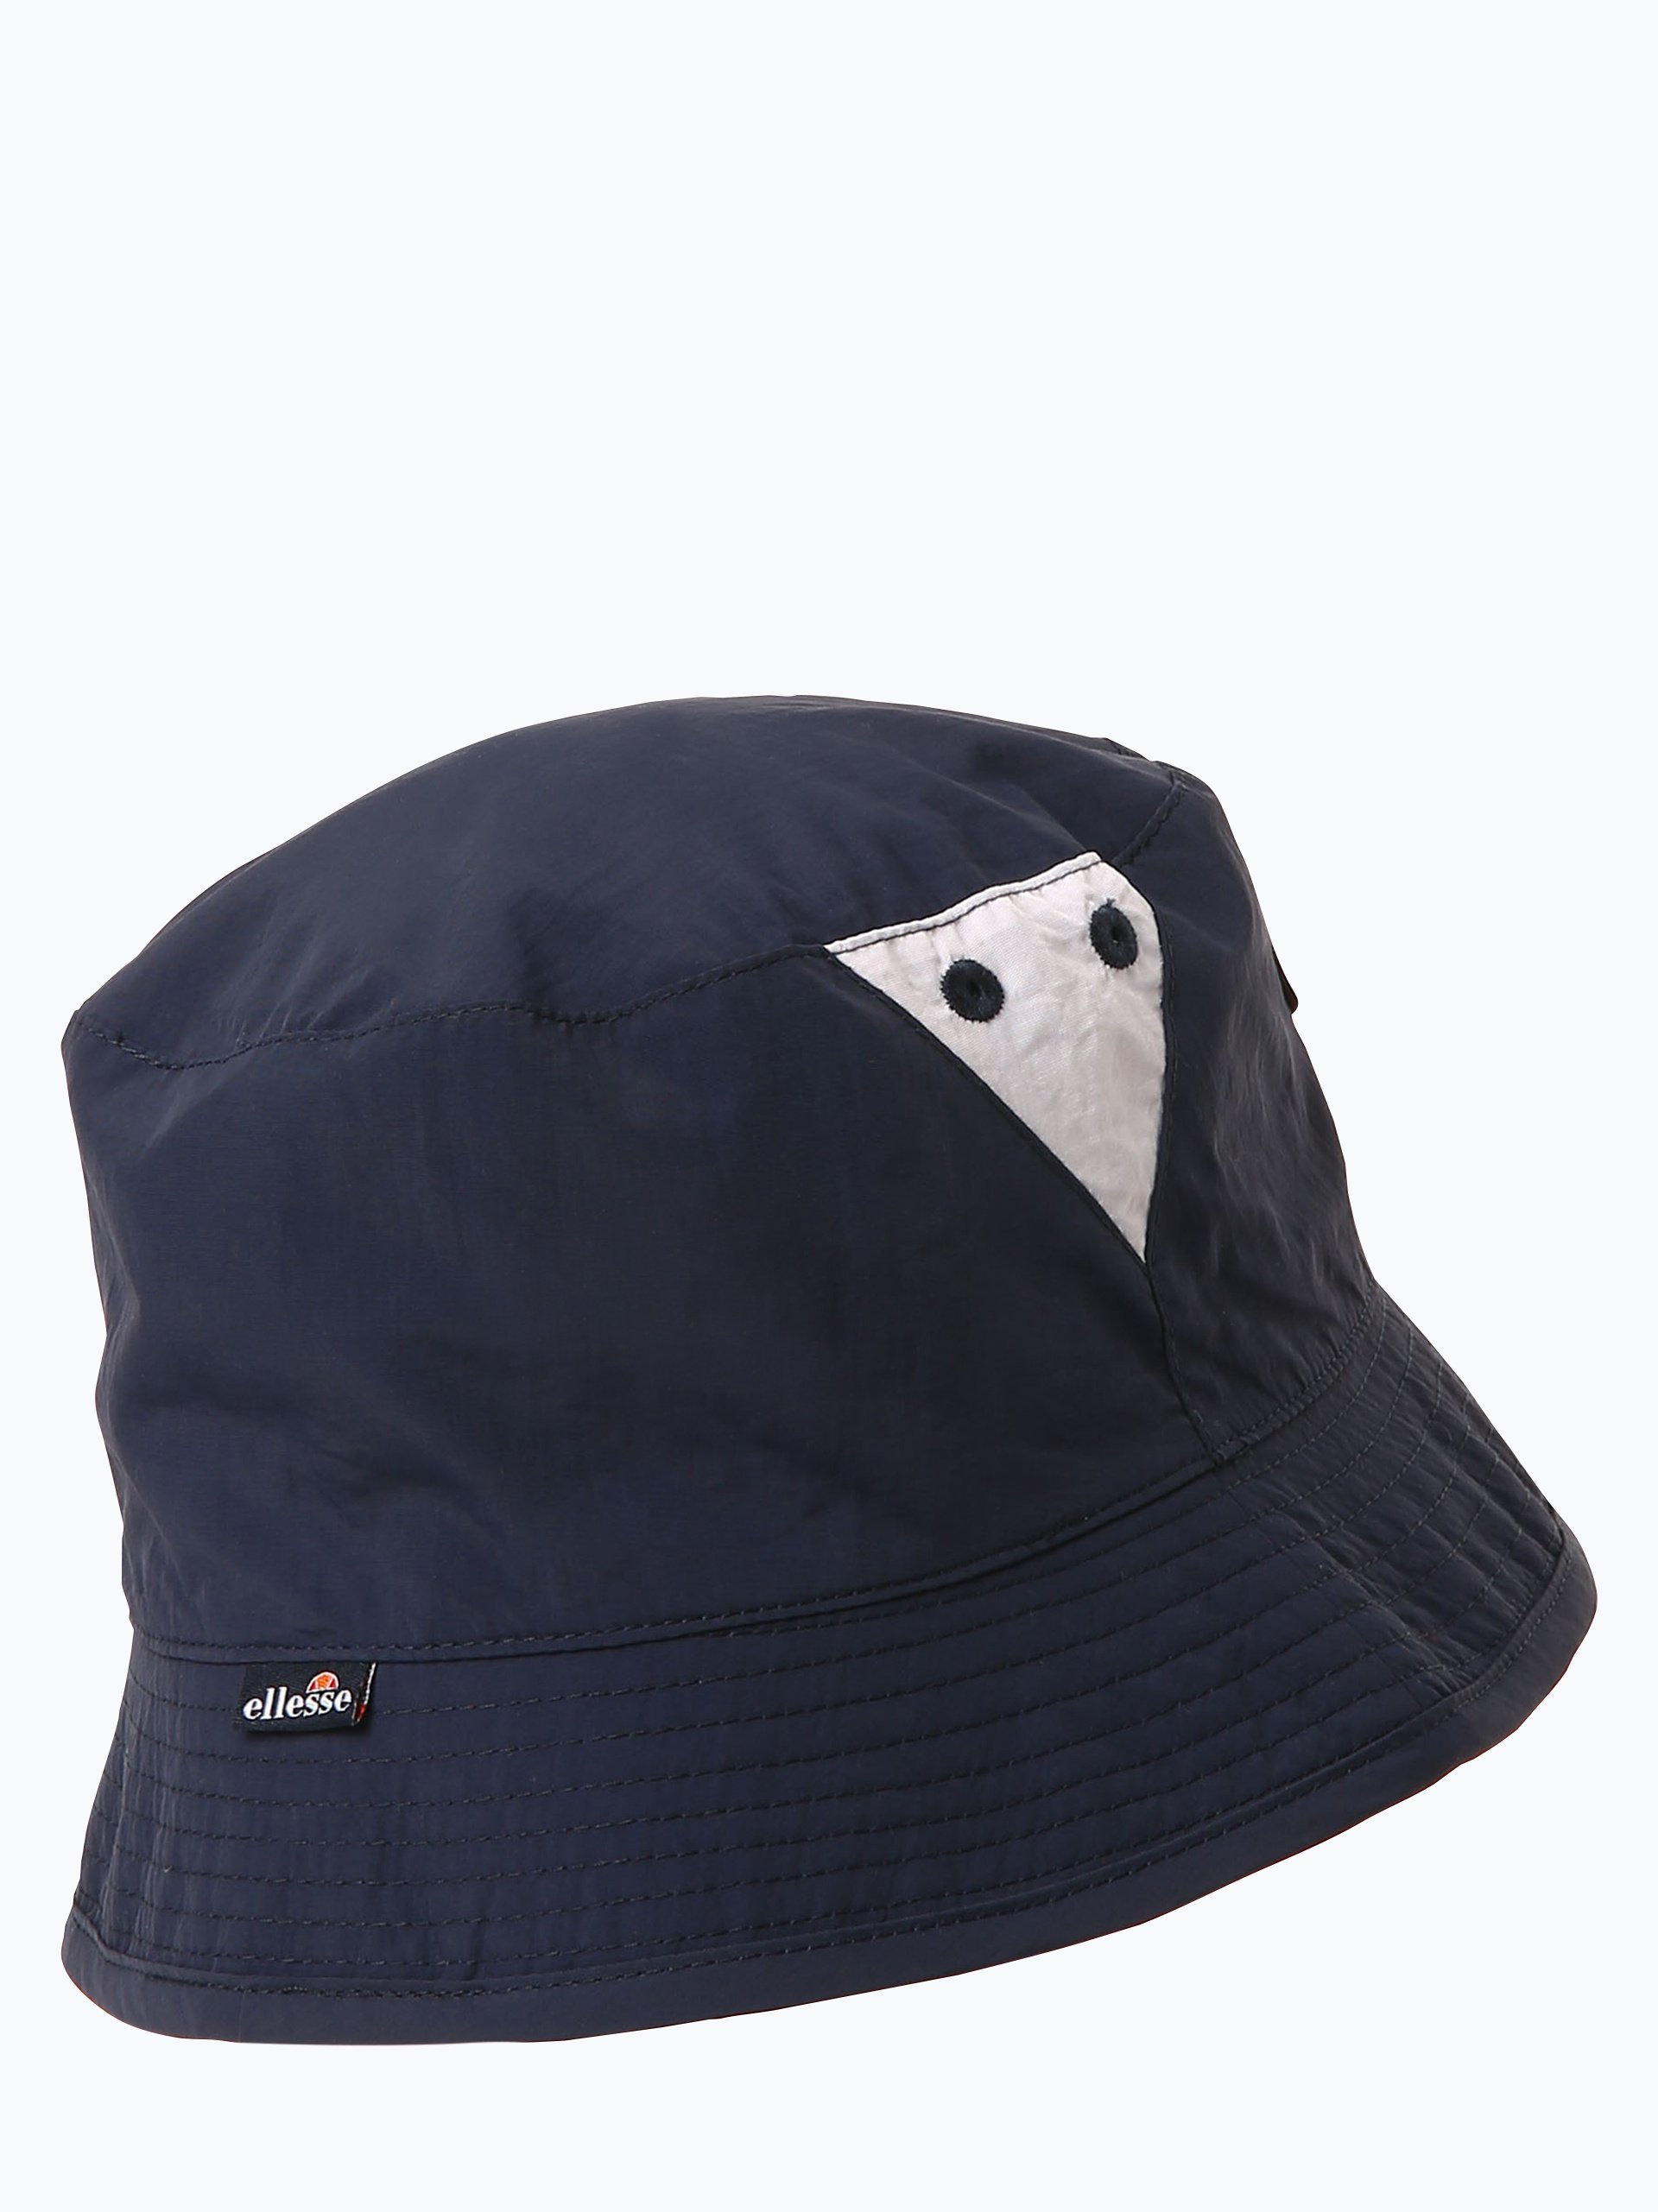 ellesse Dwustronny kapelusz męski